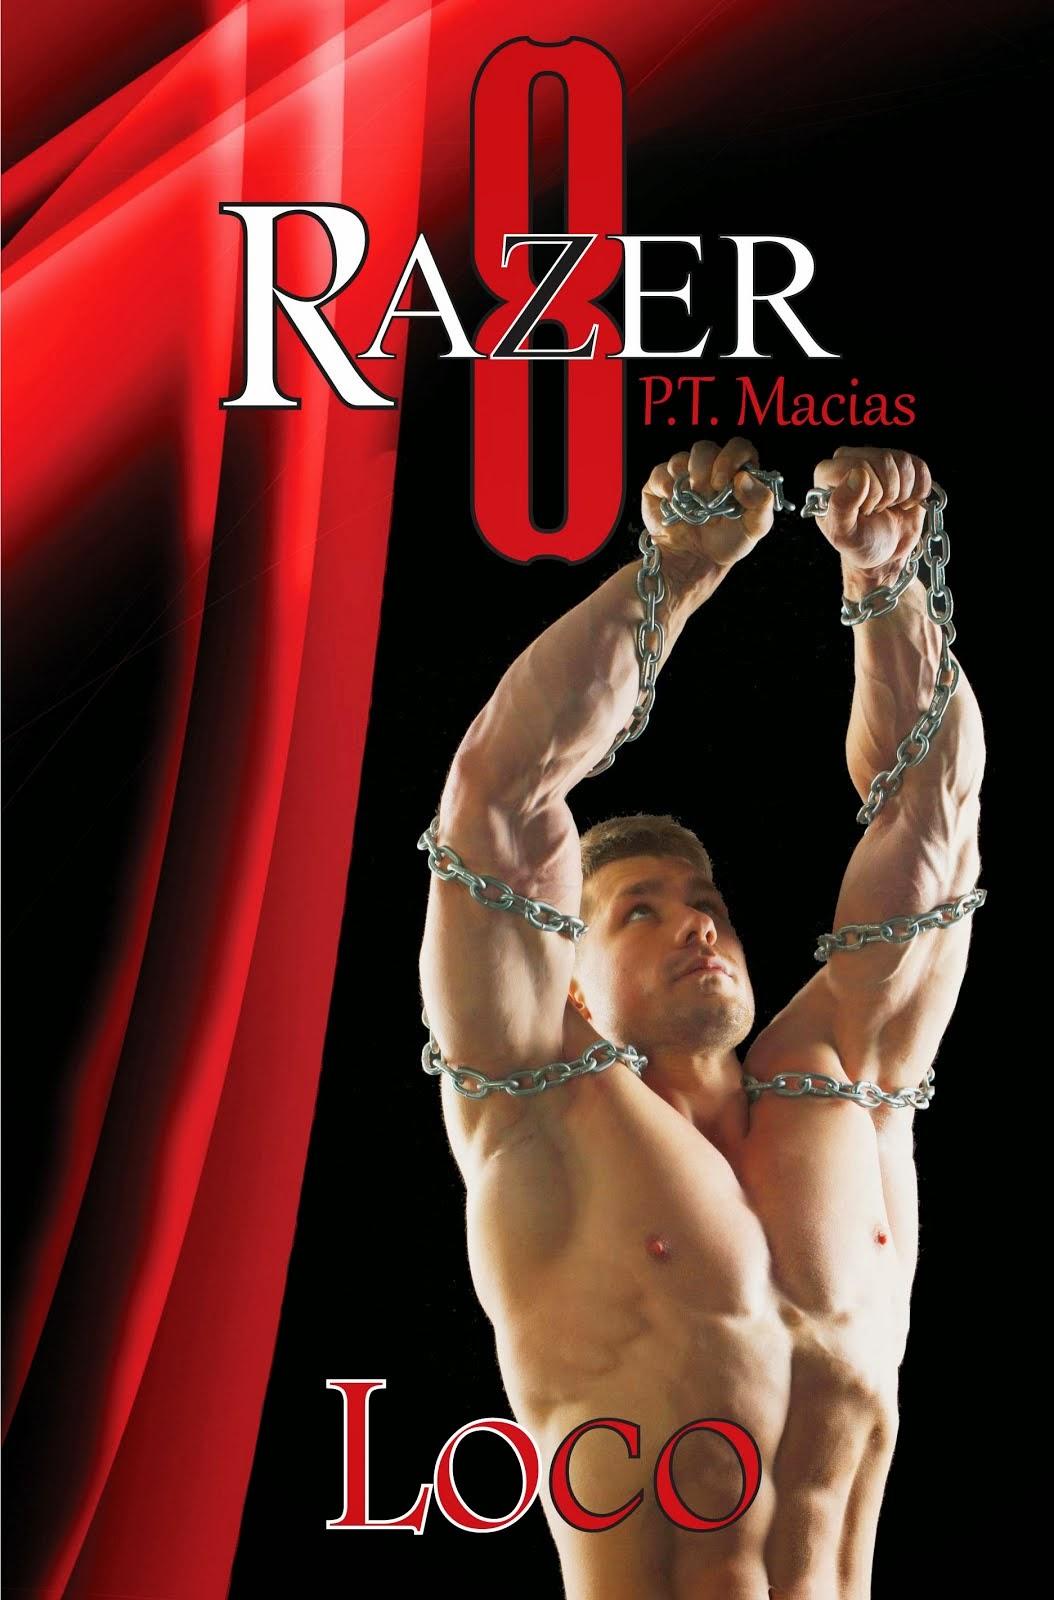 Loco, Razer 8 by P.T. Macias